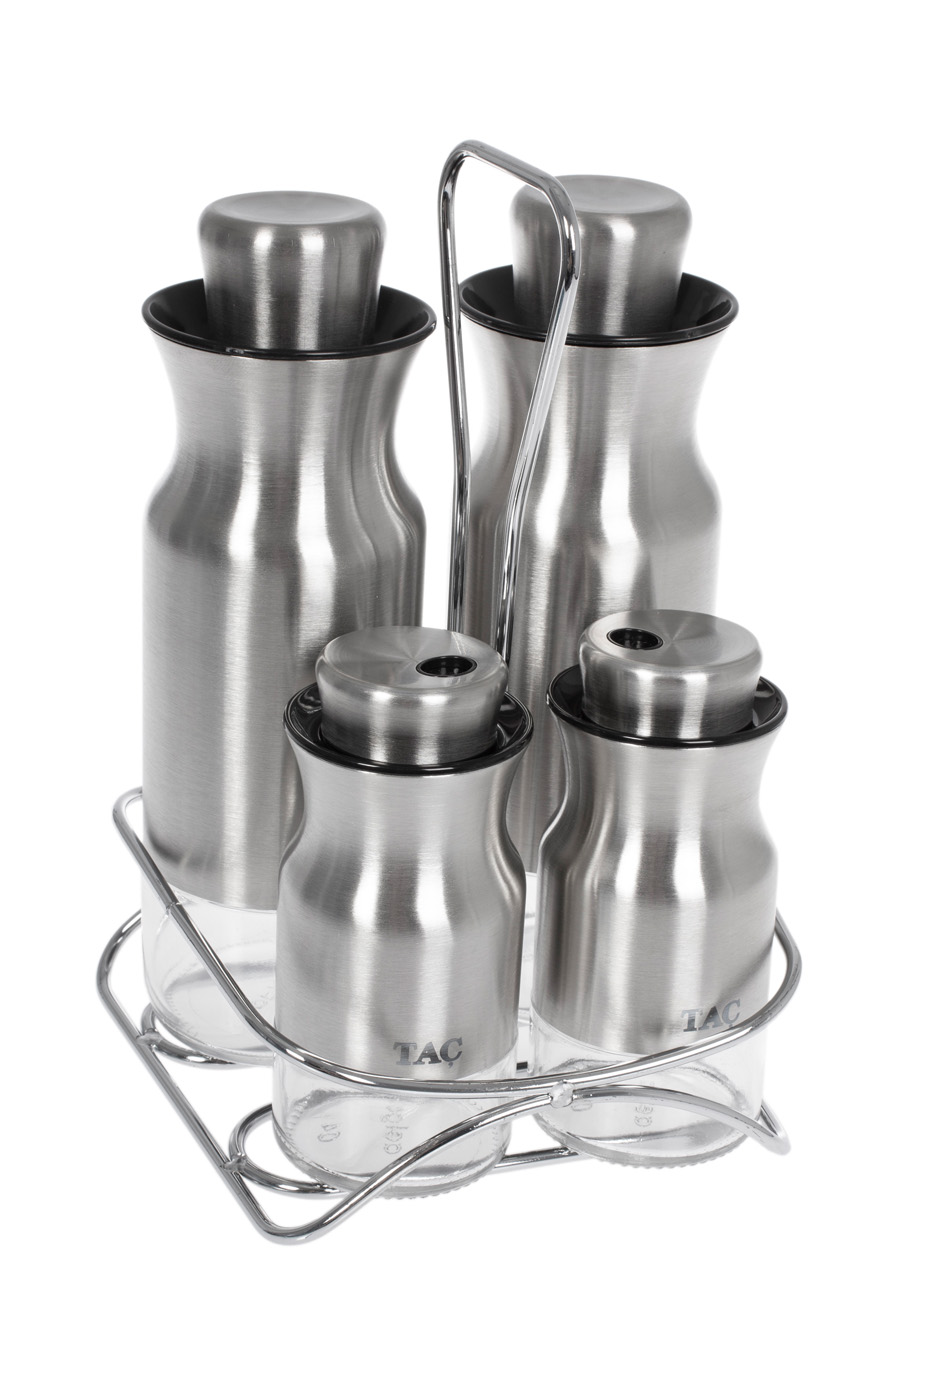 Набор для масла и специй TAC, 5 предметов, серебряный